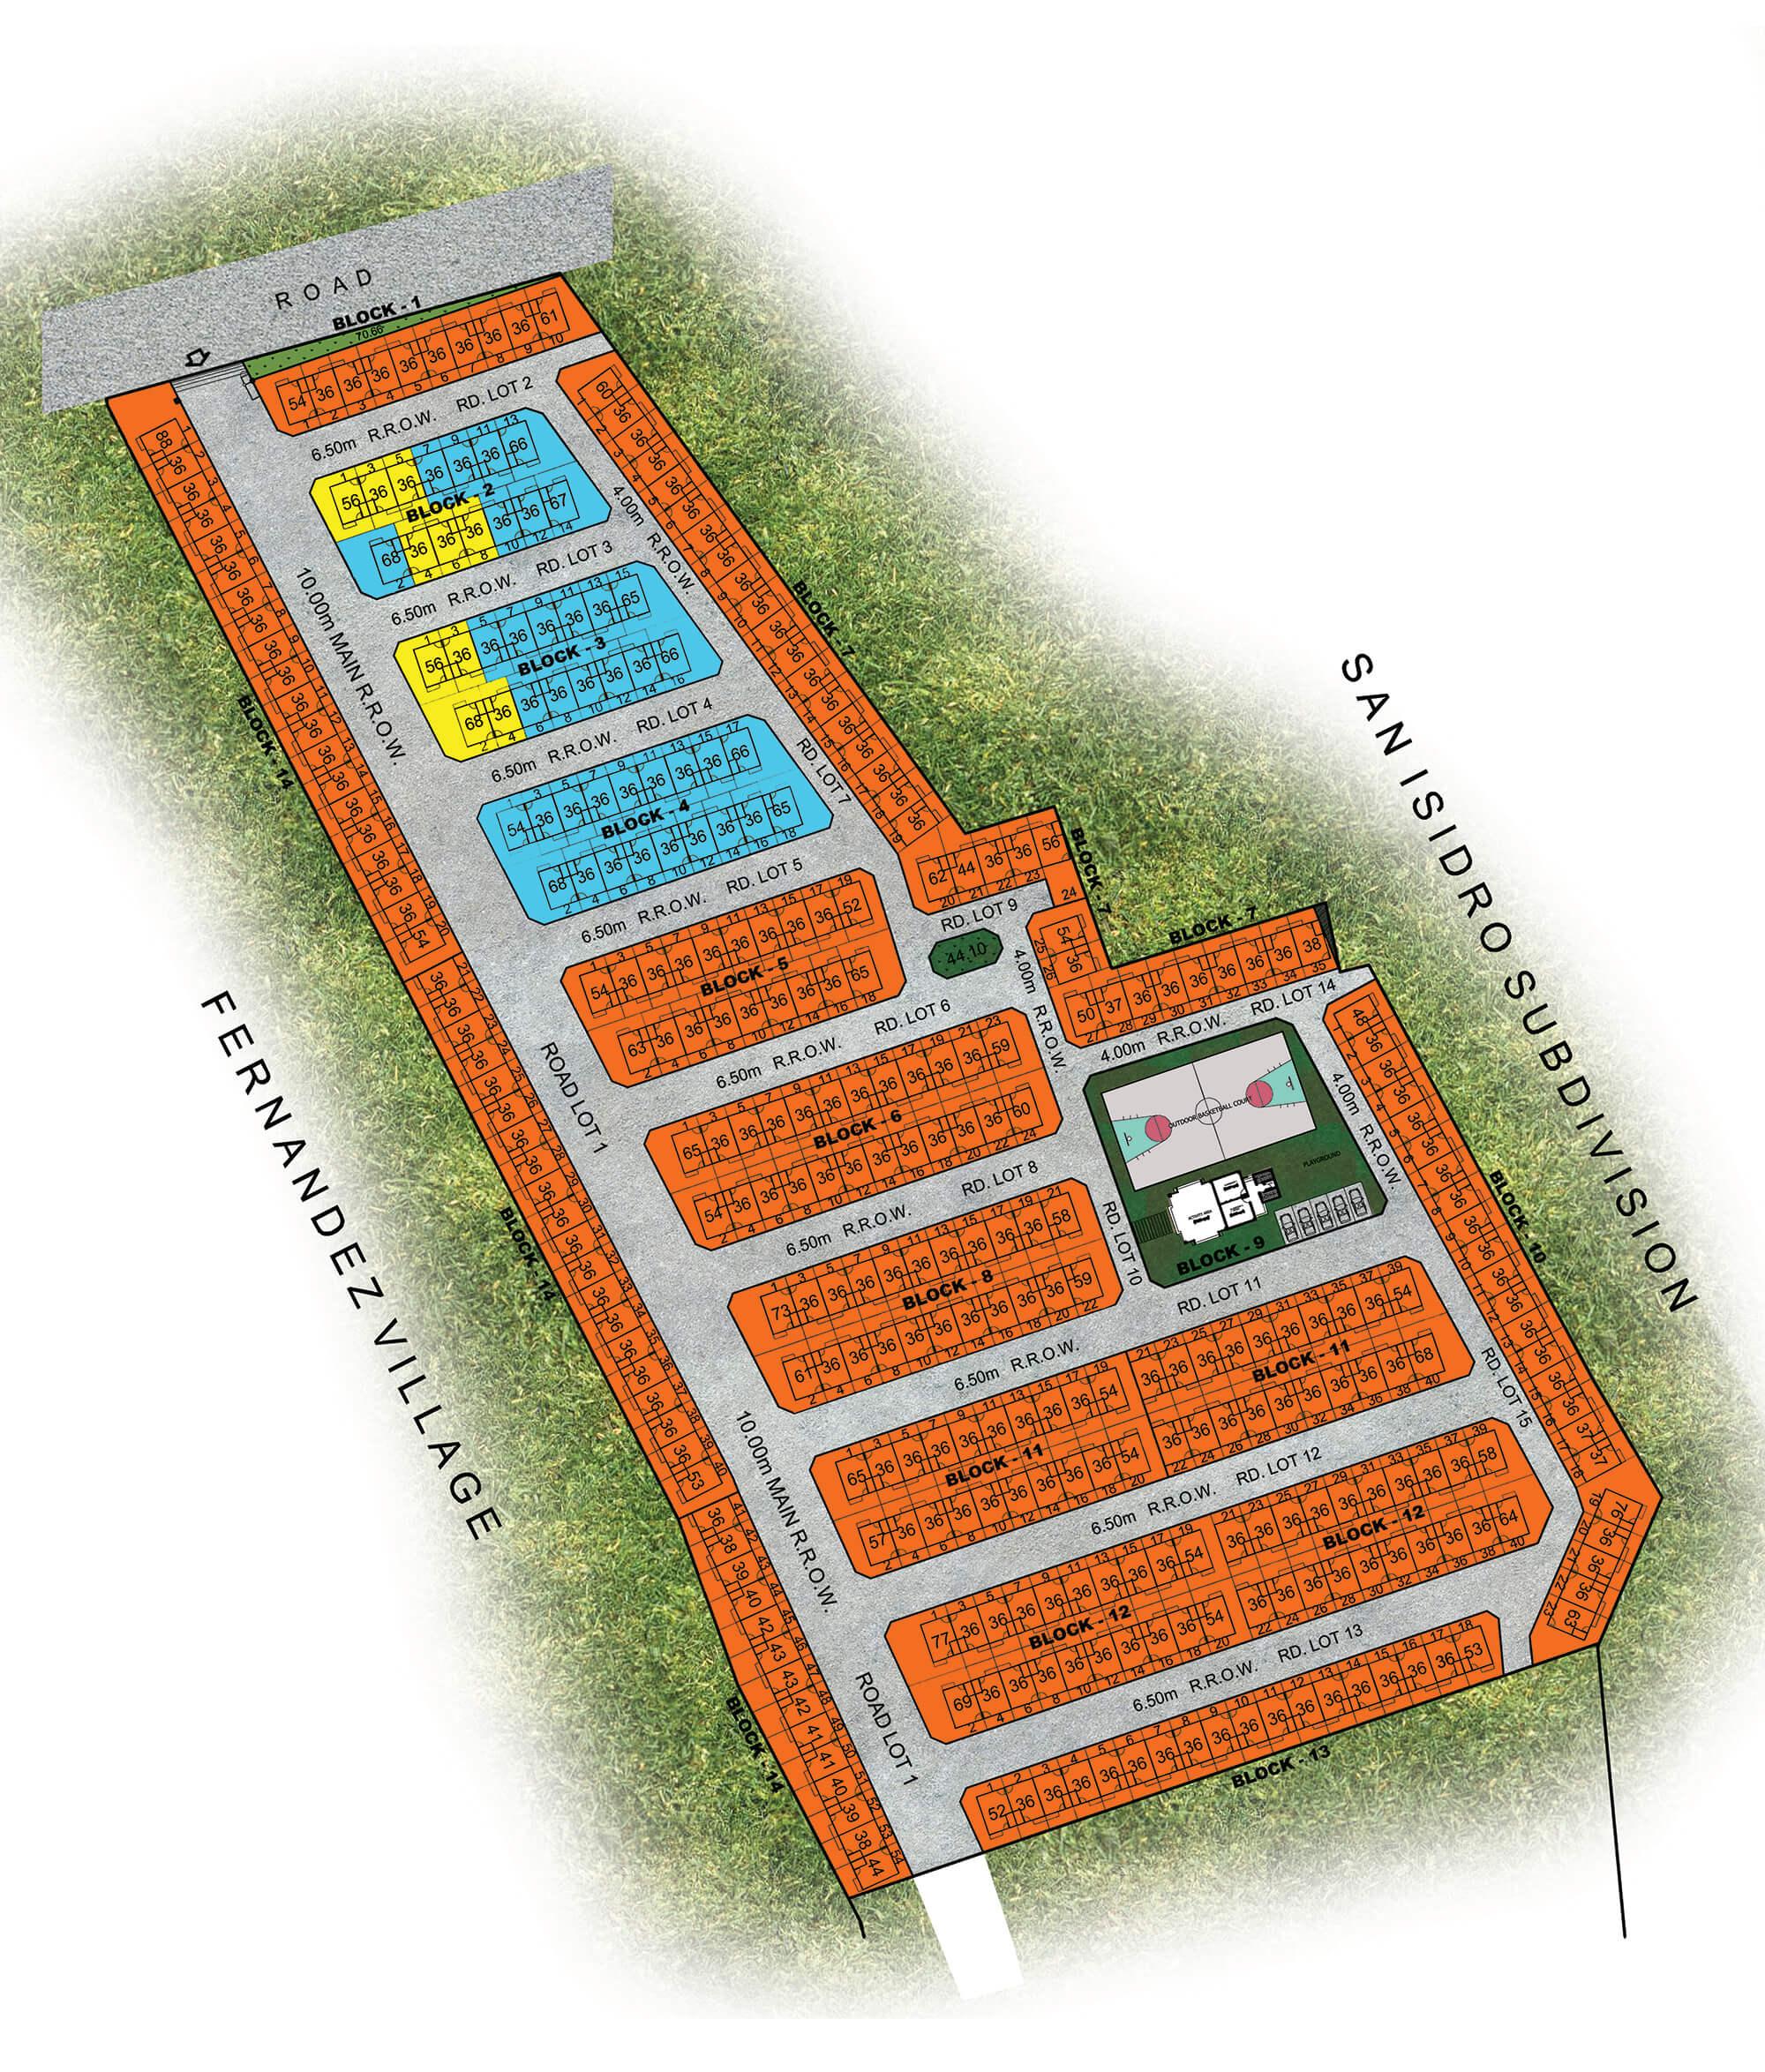 Villagrande Site – Dev Plan